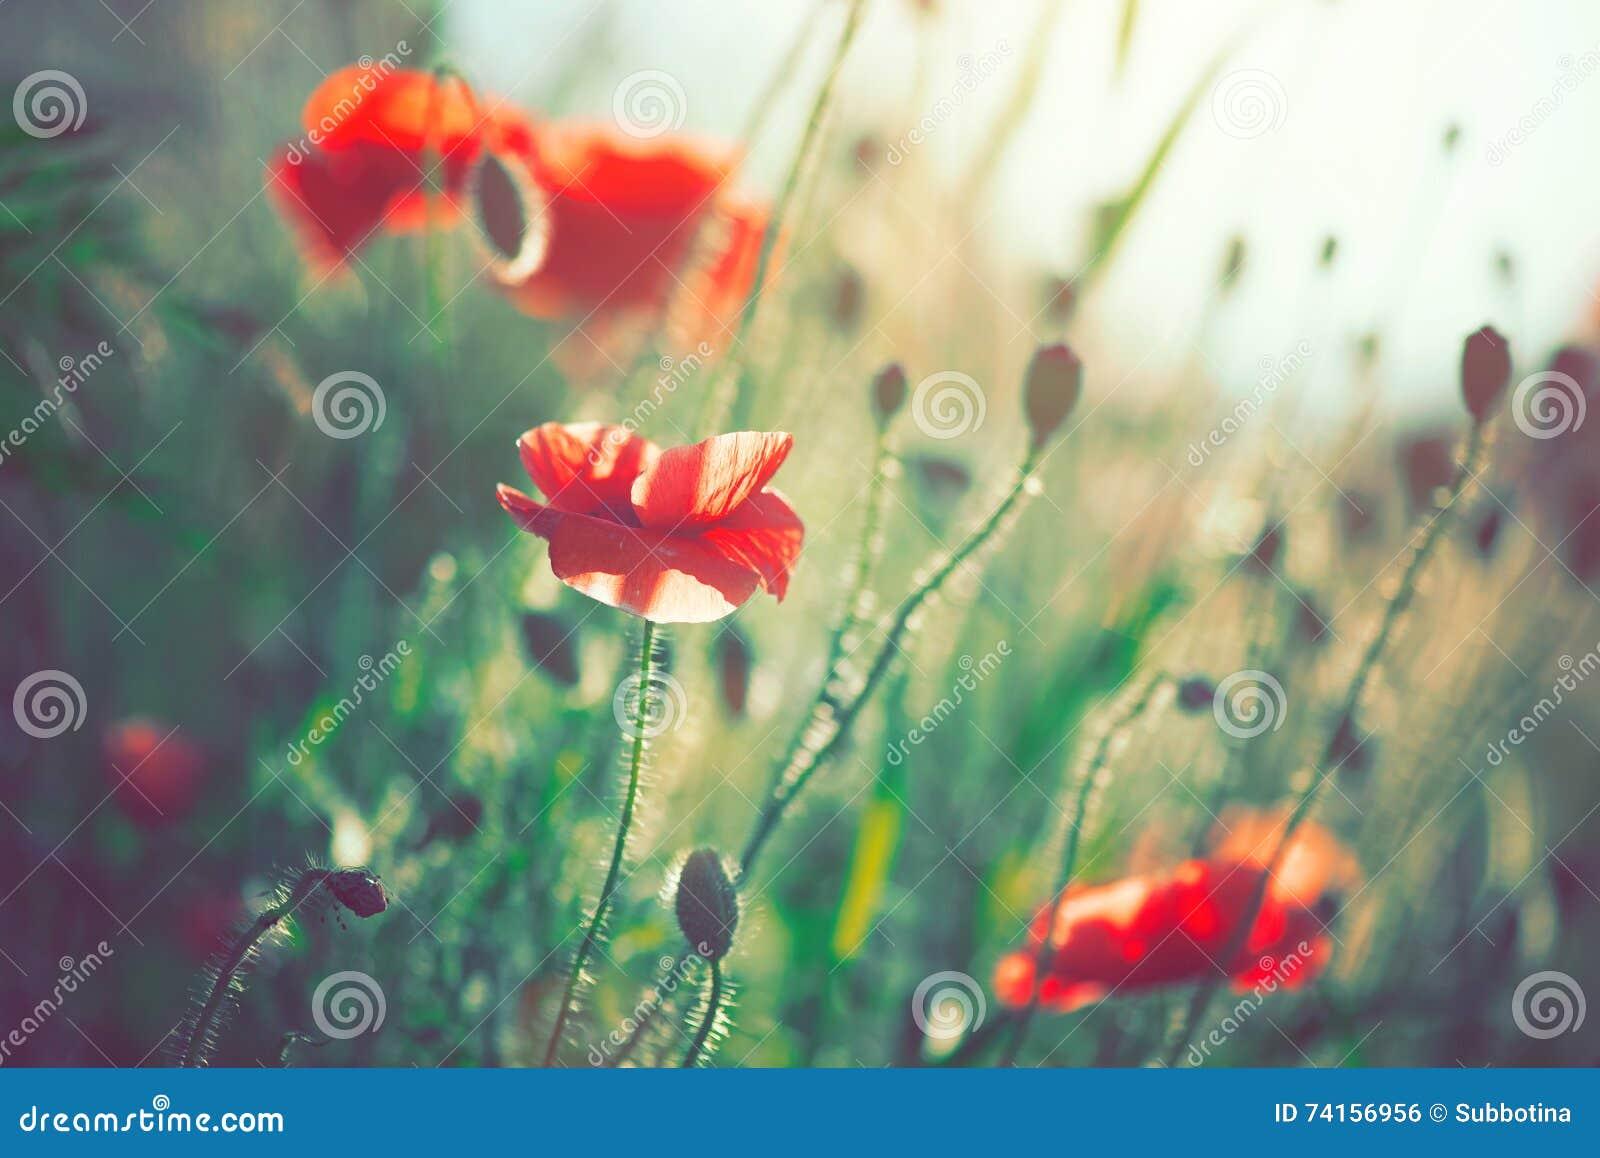 Papaverbloemen die op het gebied bloeien